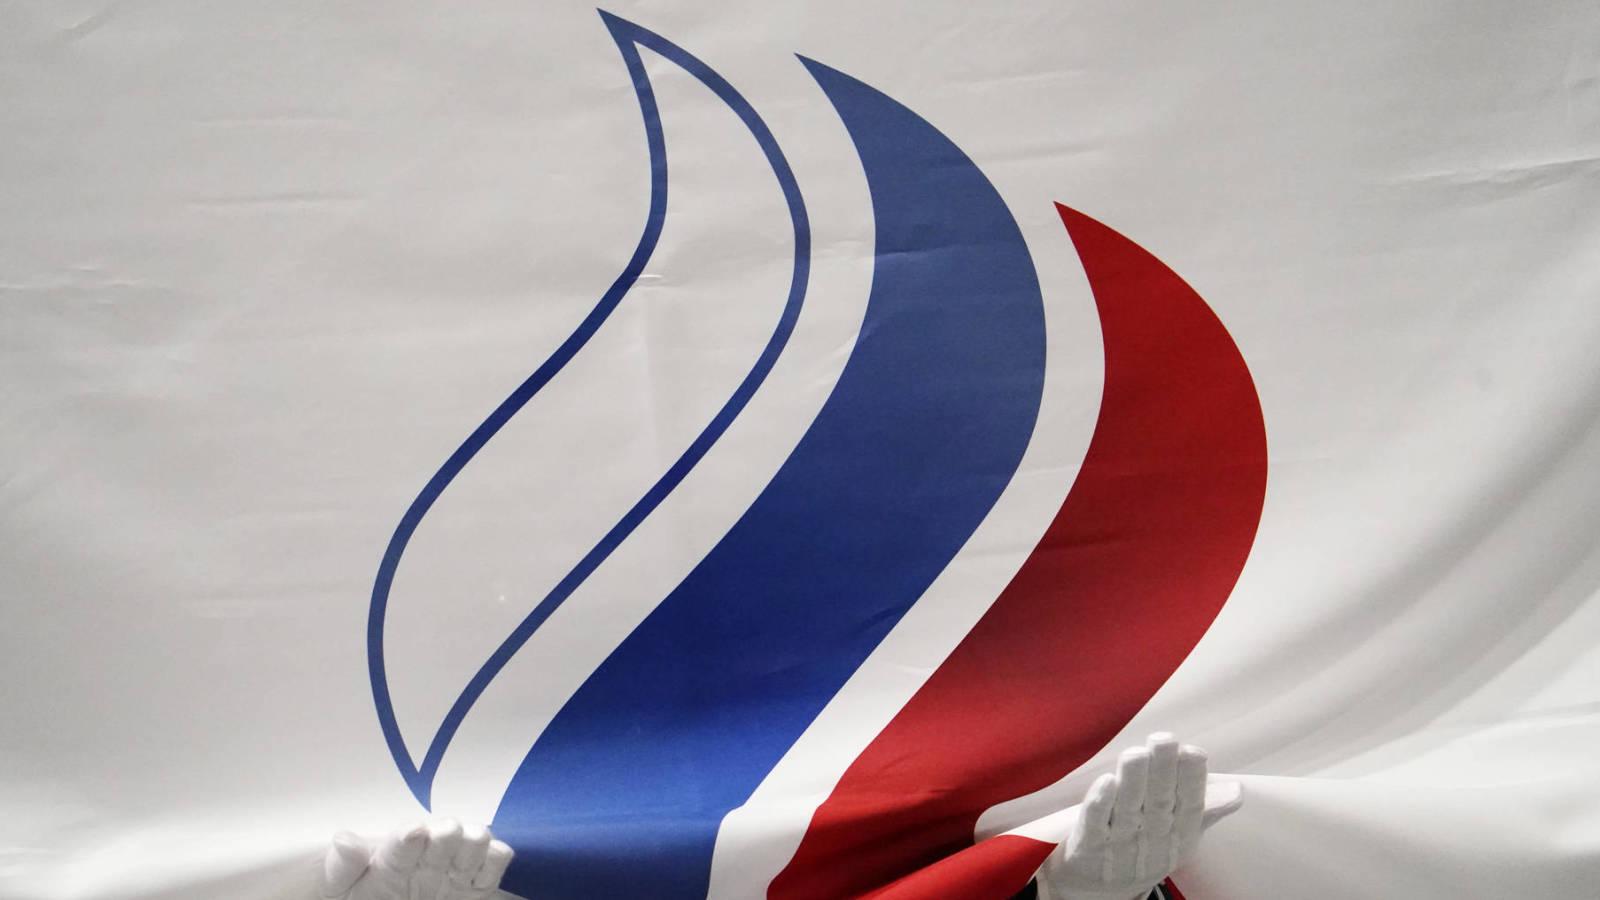 Россия заявляет, что США и другие страны сфальсифицировали Олимпийские игры в Токио